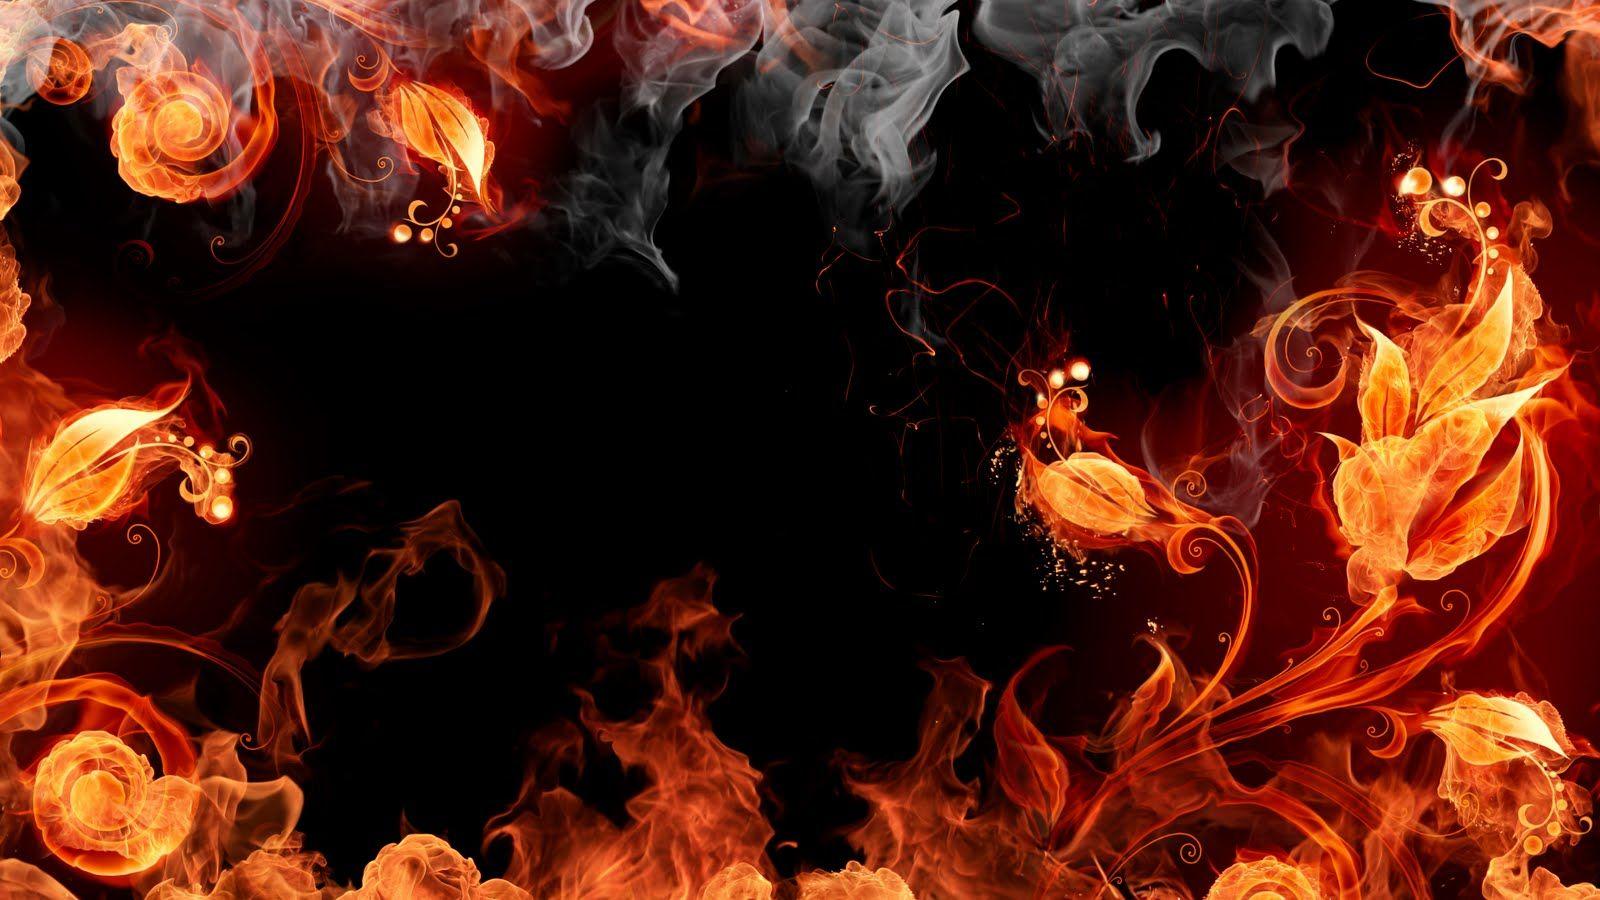 Fire Element Smoke wallpaper, Fire flower, Fire art